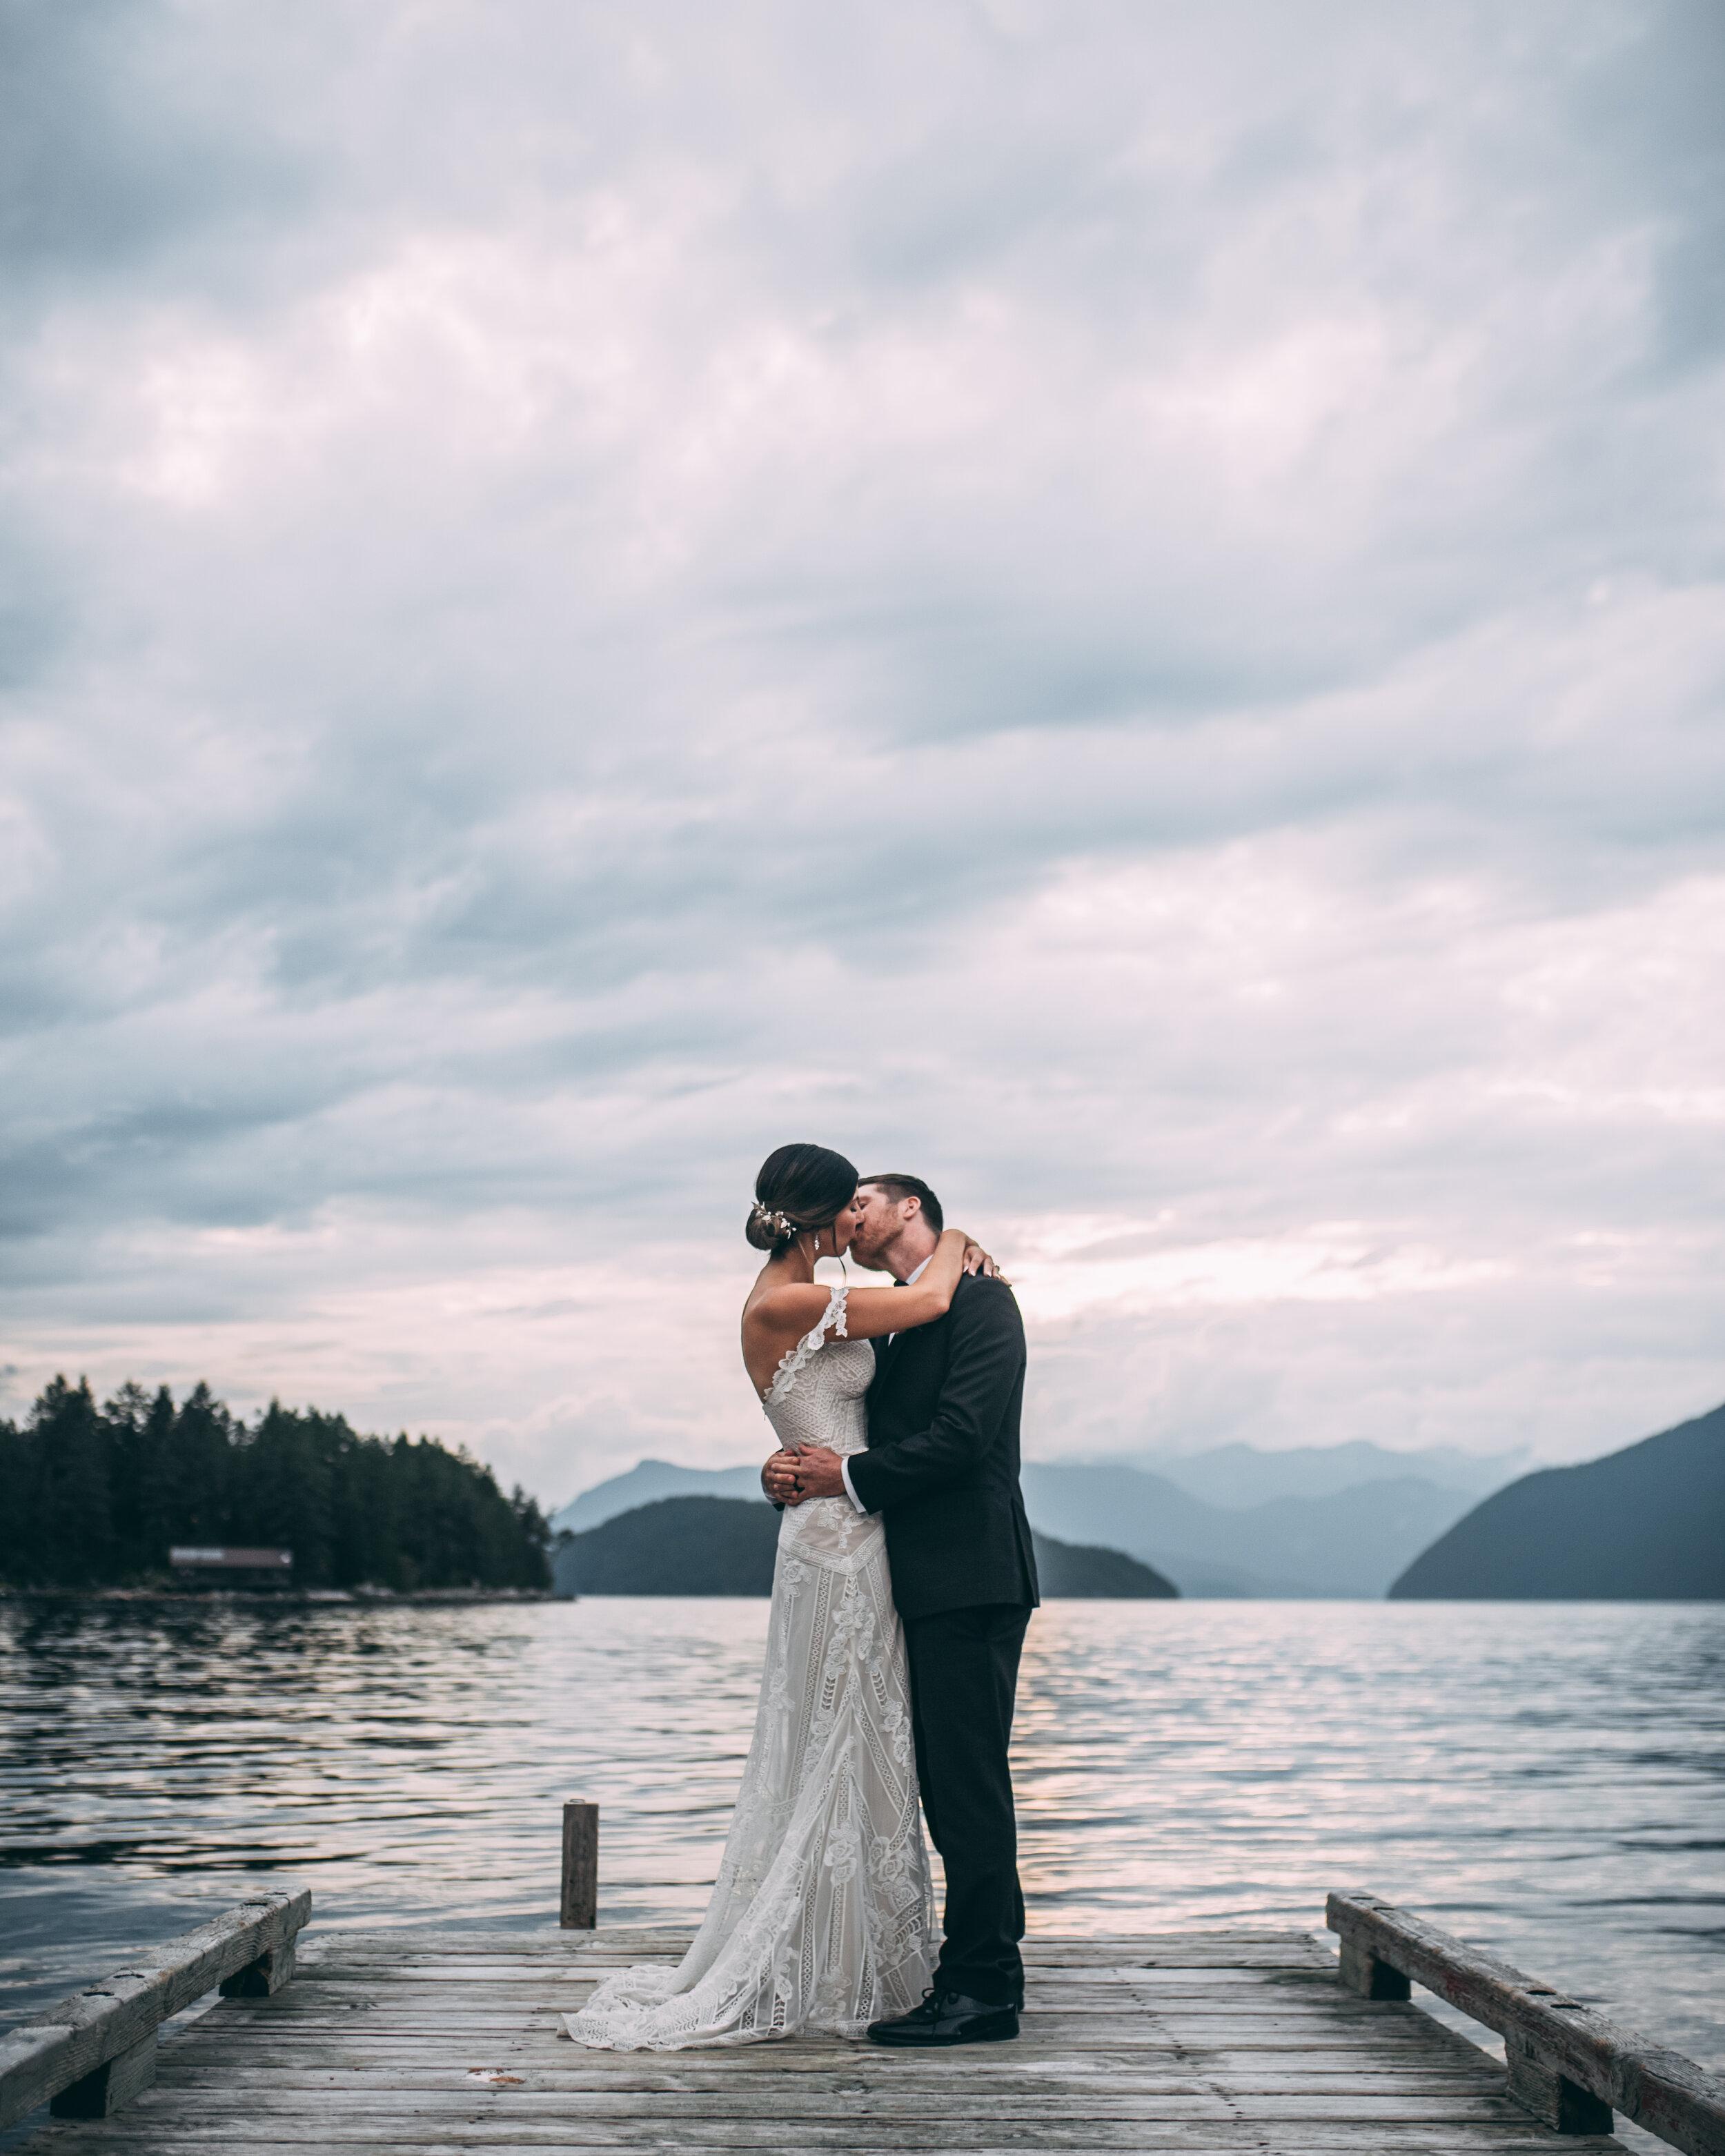 Emily & Brian Sneak Peeks - WCWL Wedding - August 24, 2019-1943-2.jpg